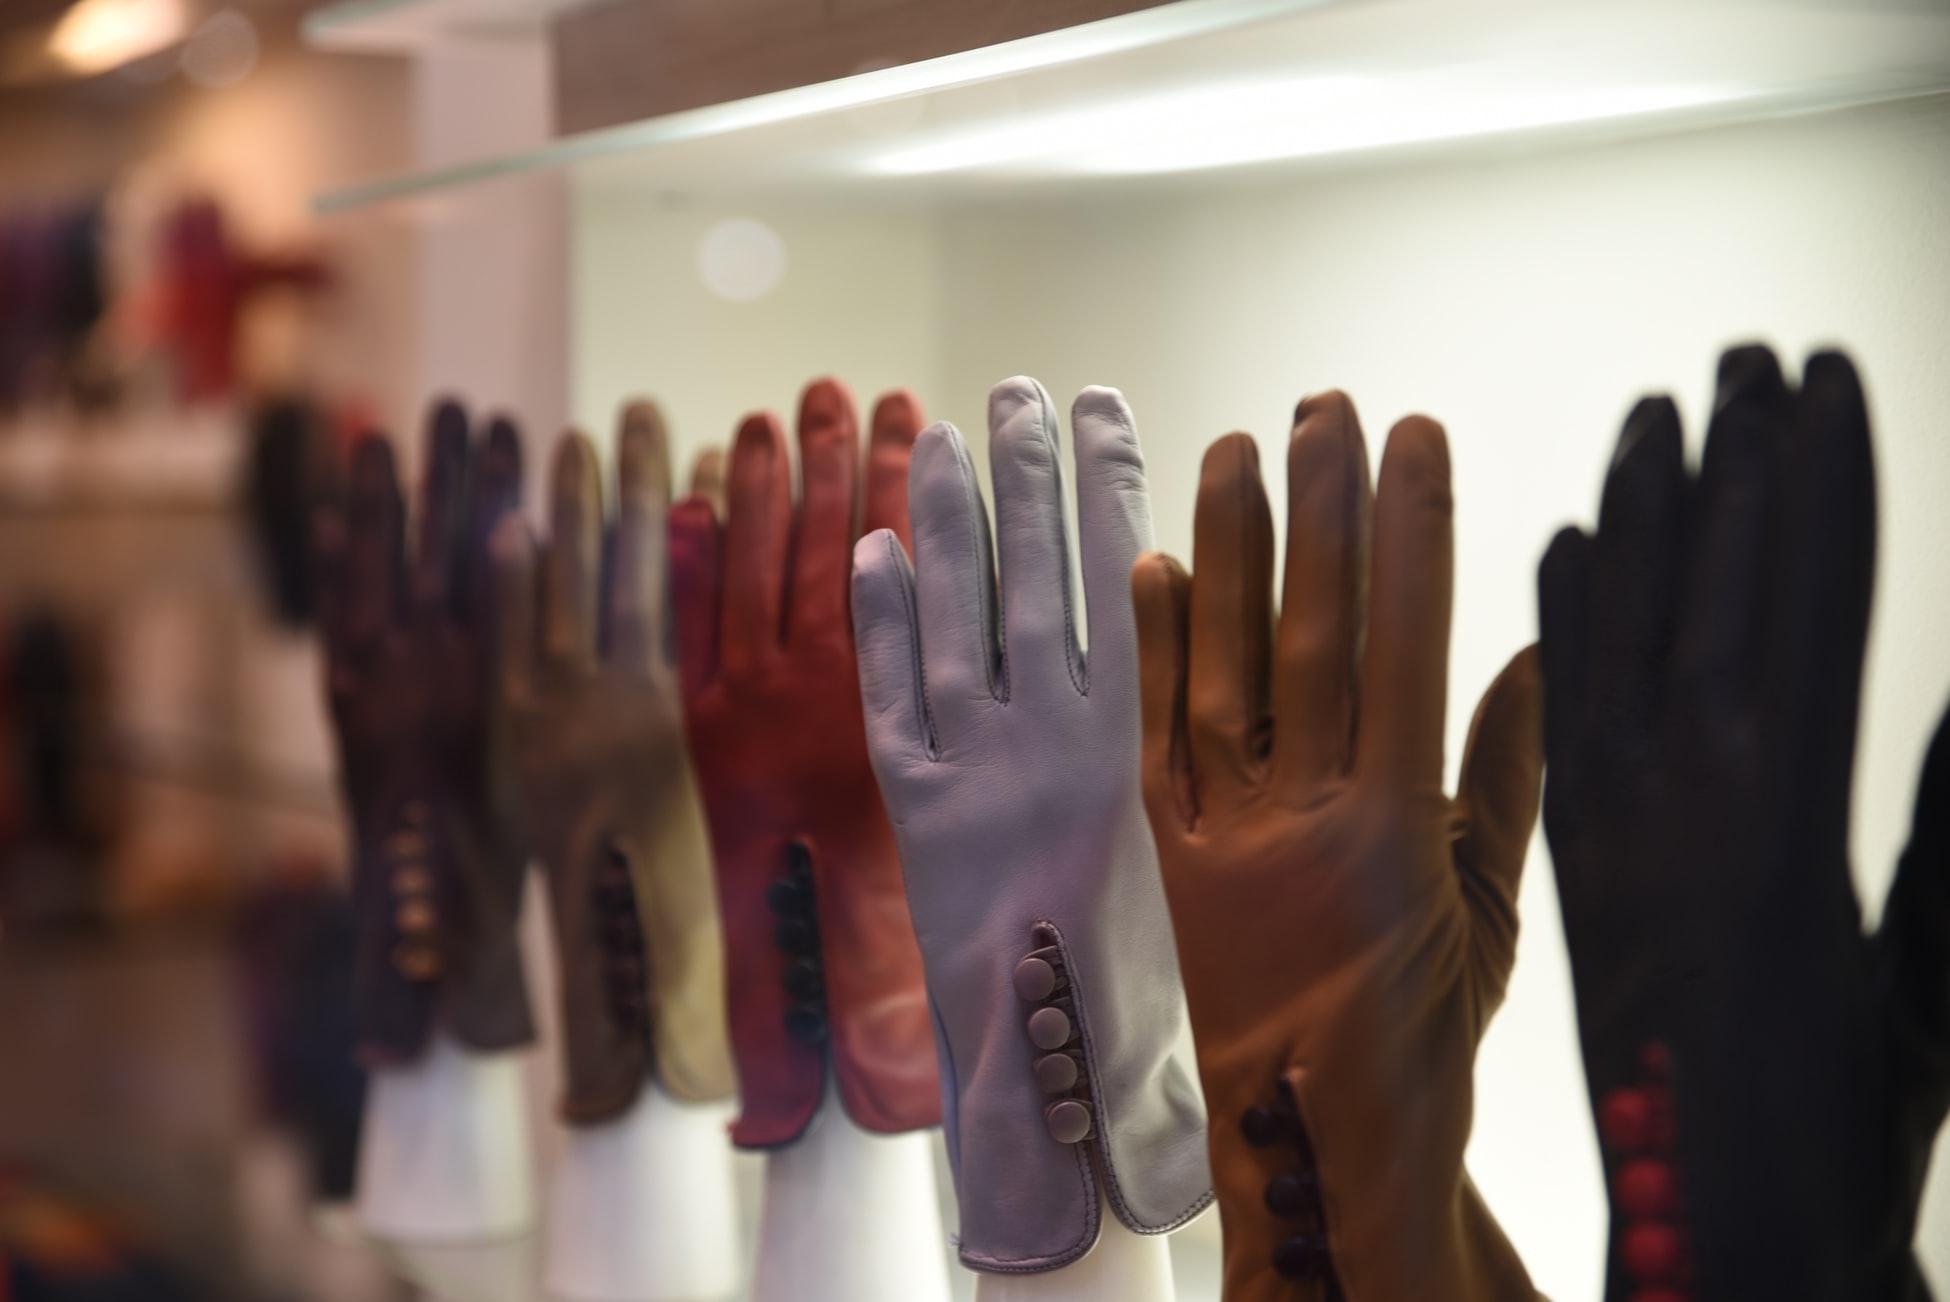 Enlever Brou De Noix Mains dossier : alternatives pour entretenir les cuirs et peaux